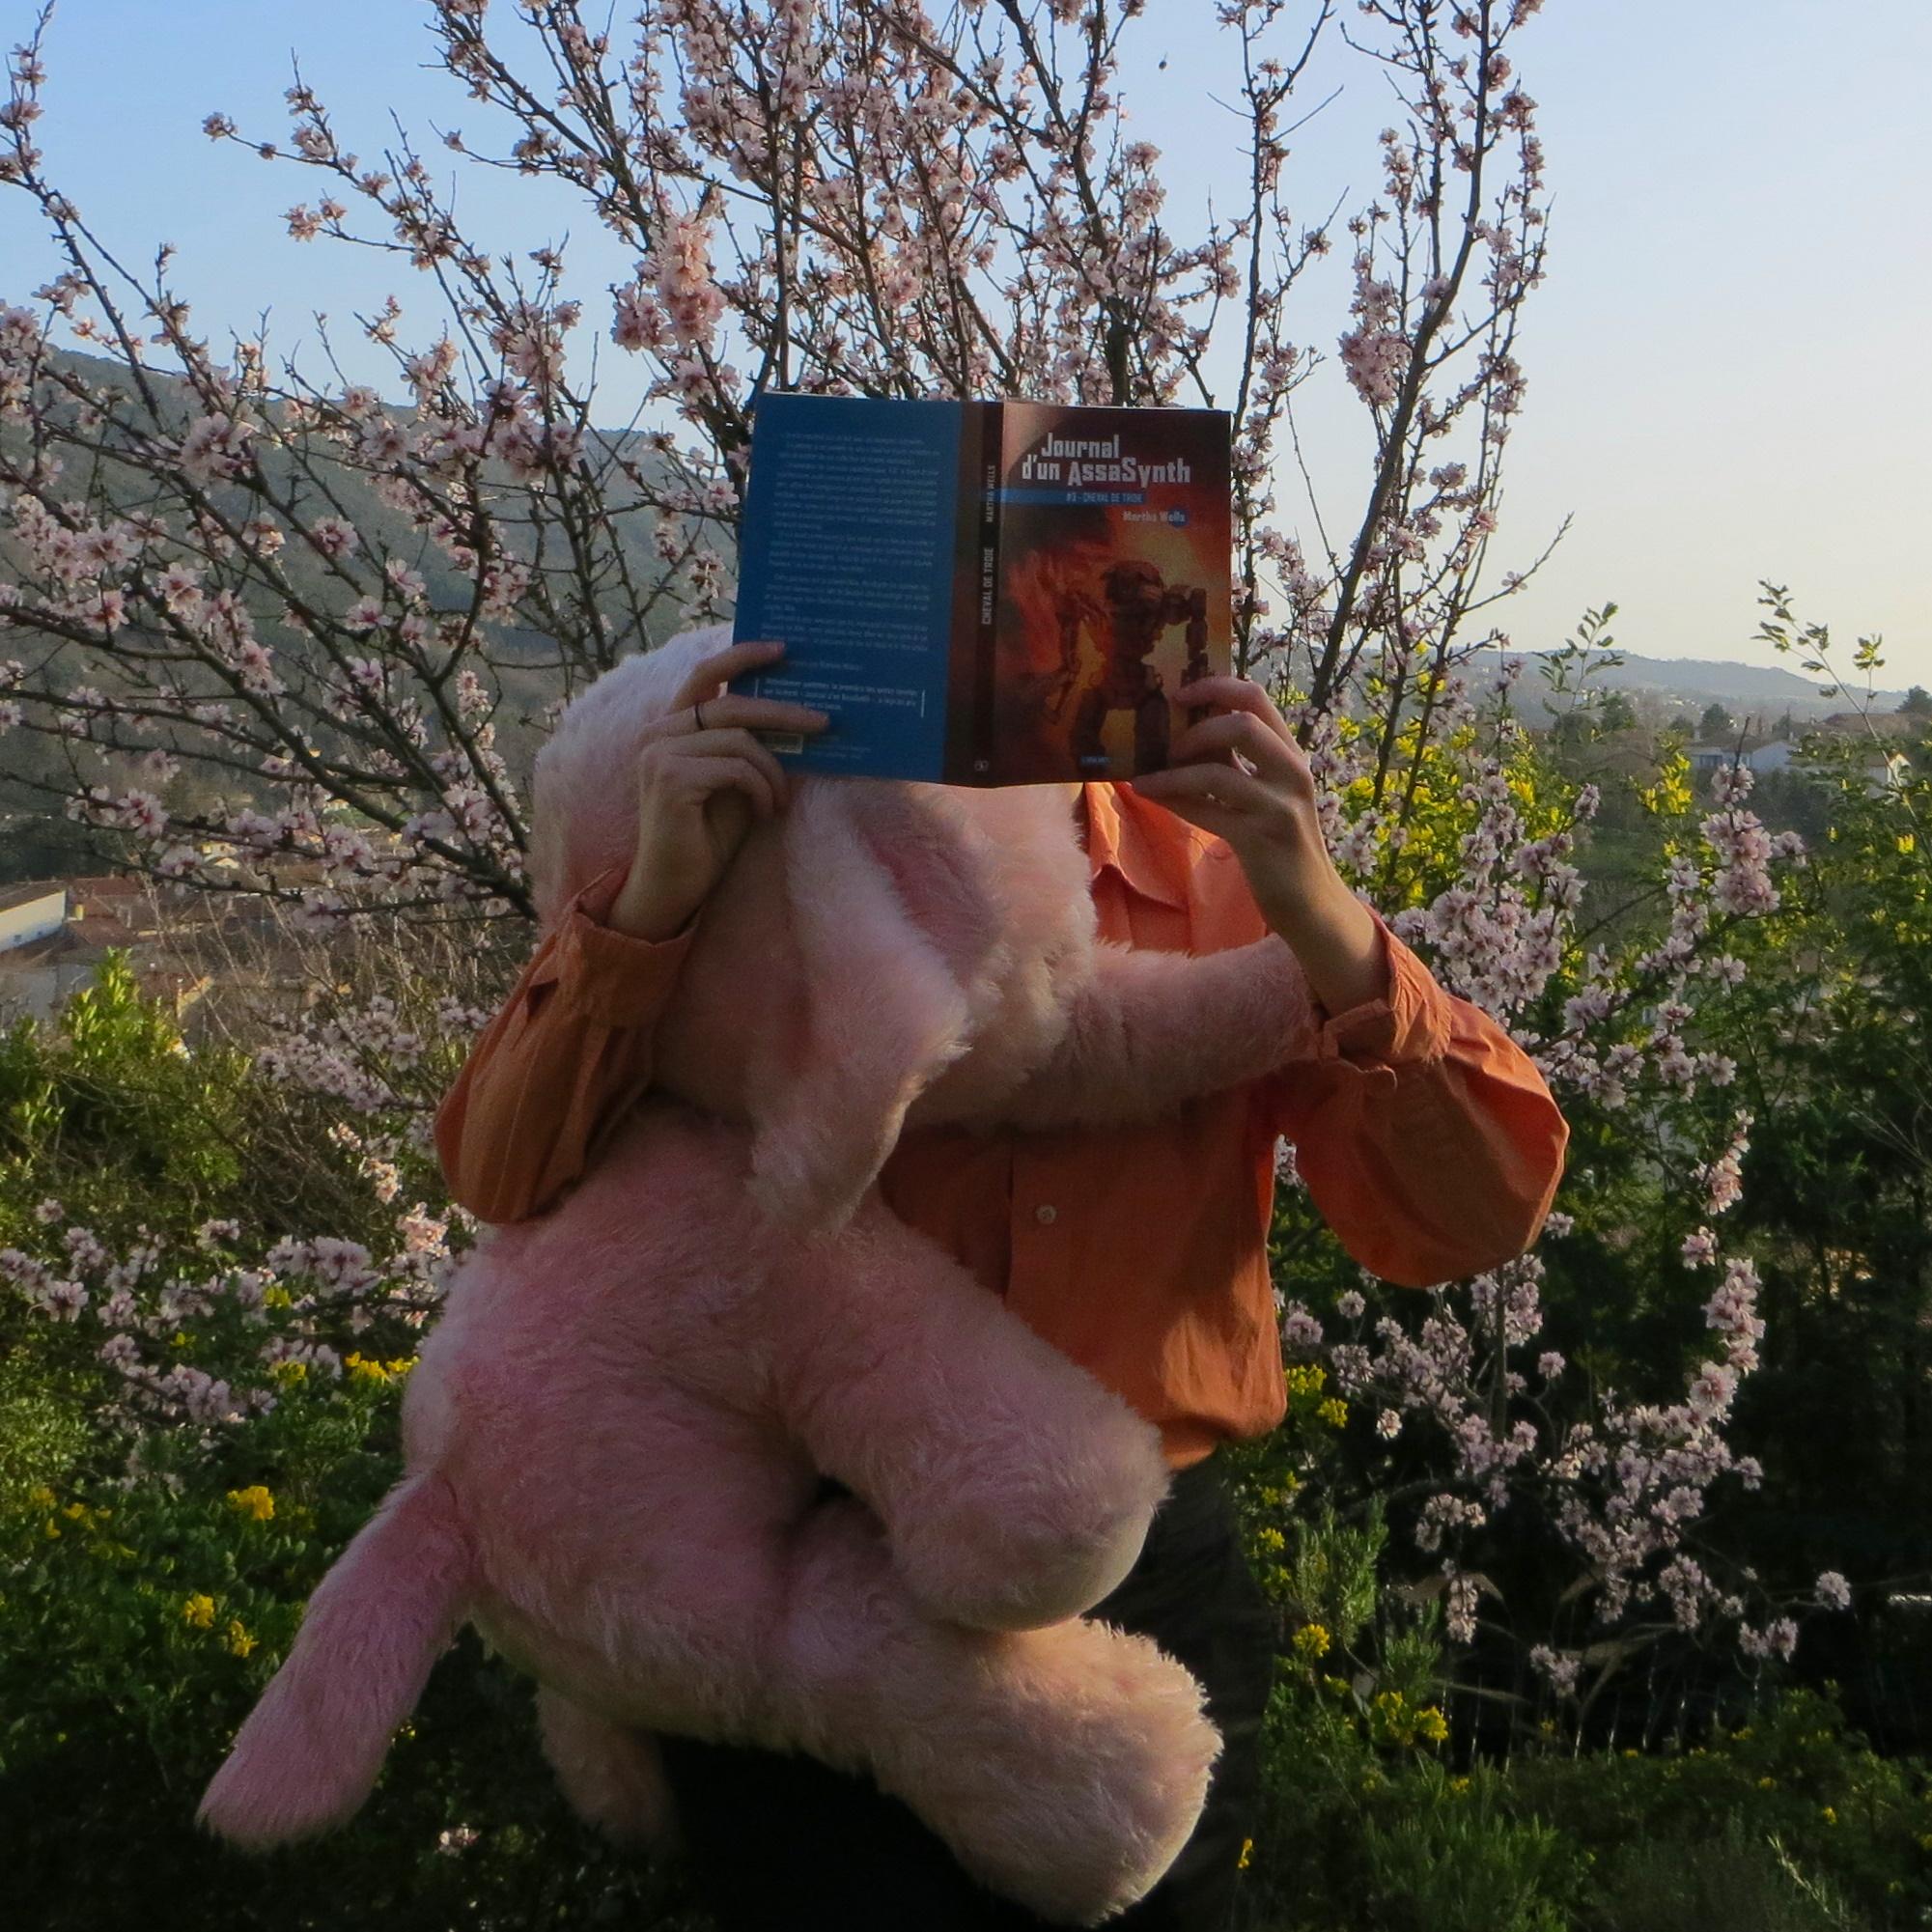 personne en chemise orange lisant Journal d'un AssaSynth 3 : Cheval de Troie de Martha Wells devant un amandier en fleurs, avec une énorme peluche d'éléphant rose dans les bras